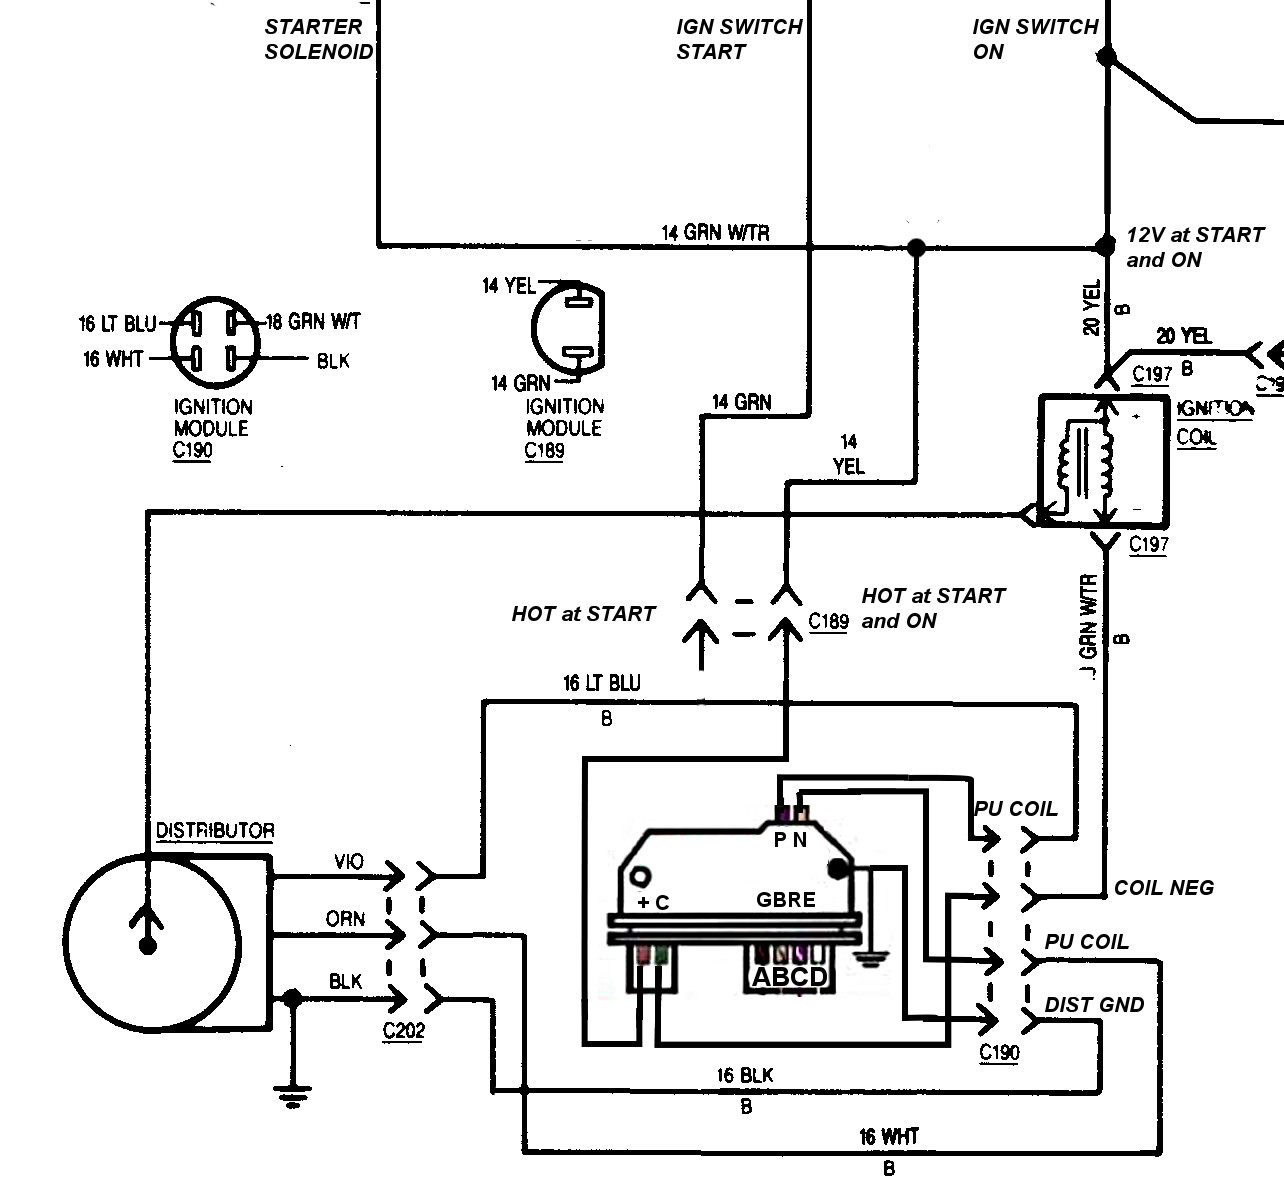 Miraculous Gm Optispark Wiring Diagram Wiring Diagram Wiring Cloud Hisonepsysticxongrecoveryedborg